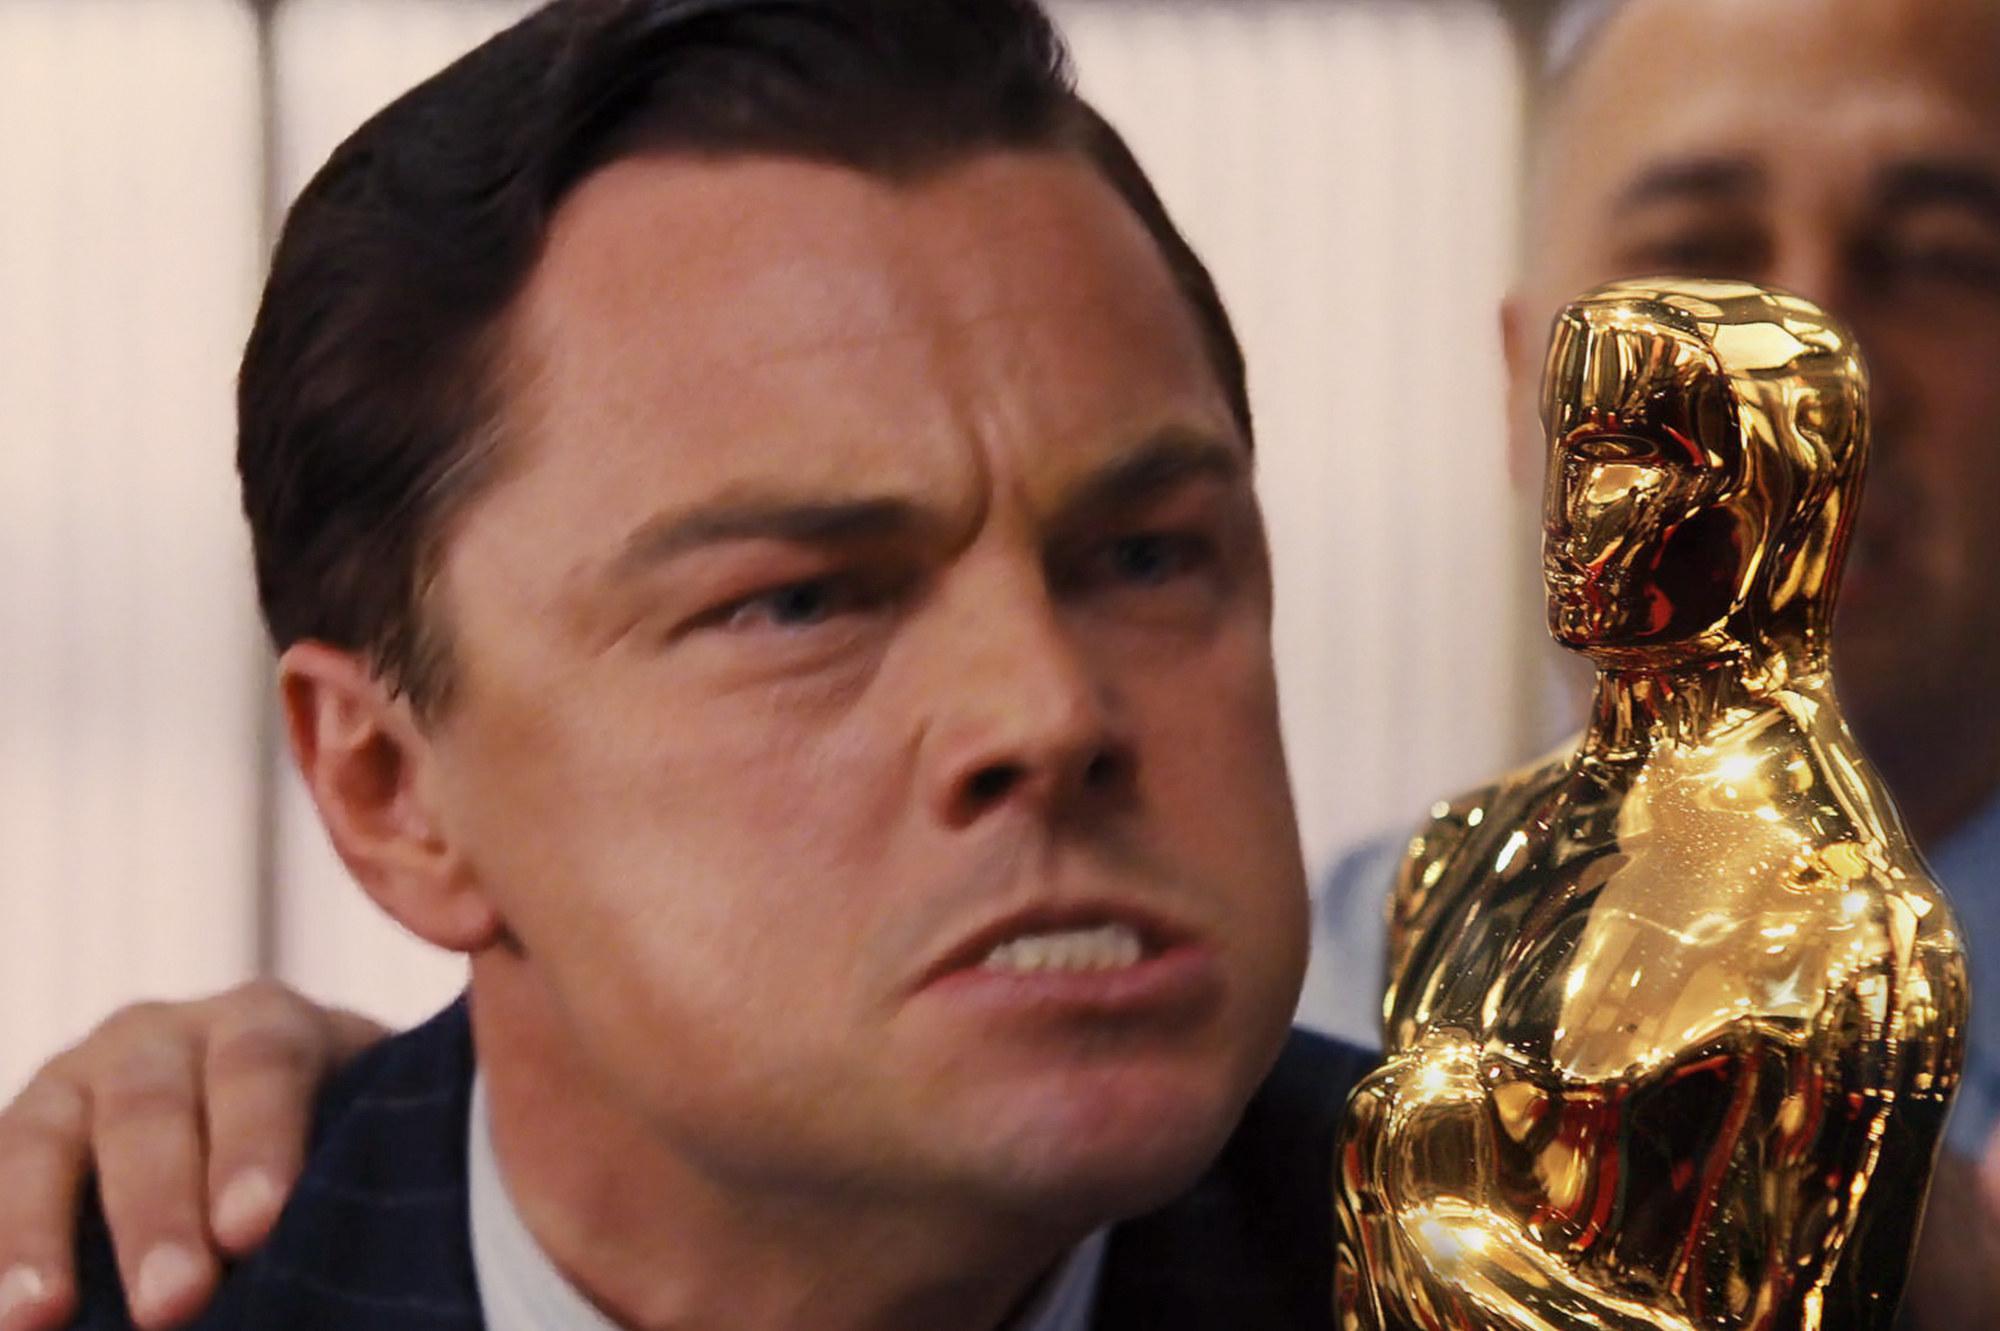 Sauras-tu reconnaître ces cérémonies des Oscar desquelles DiCaprio est reparti bredouille ?